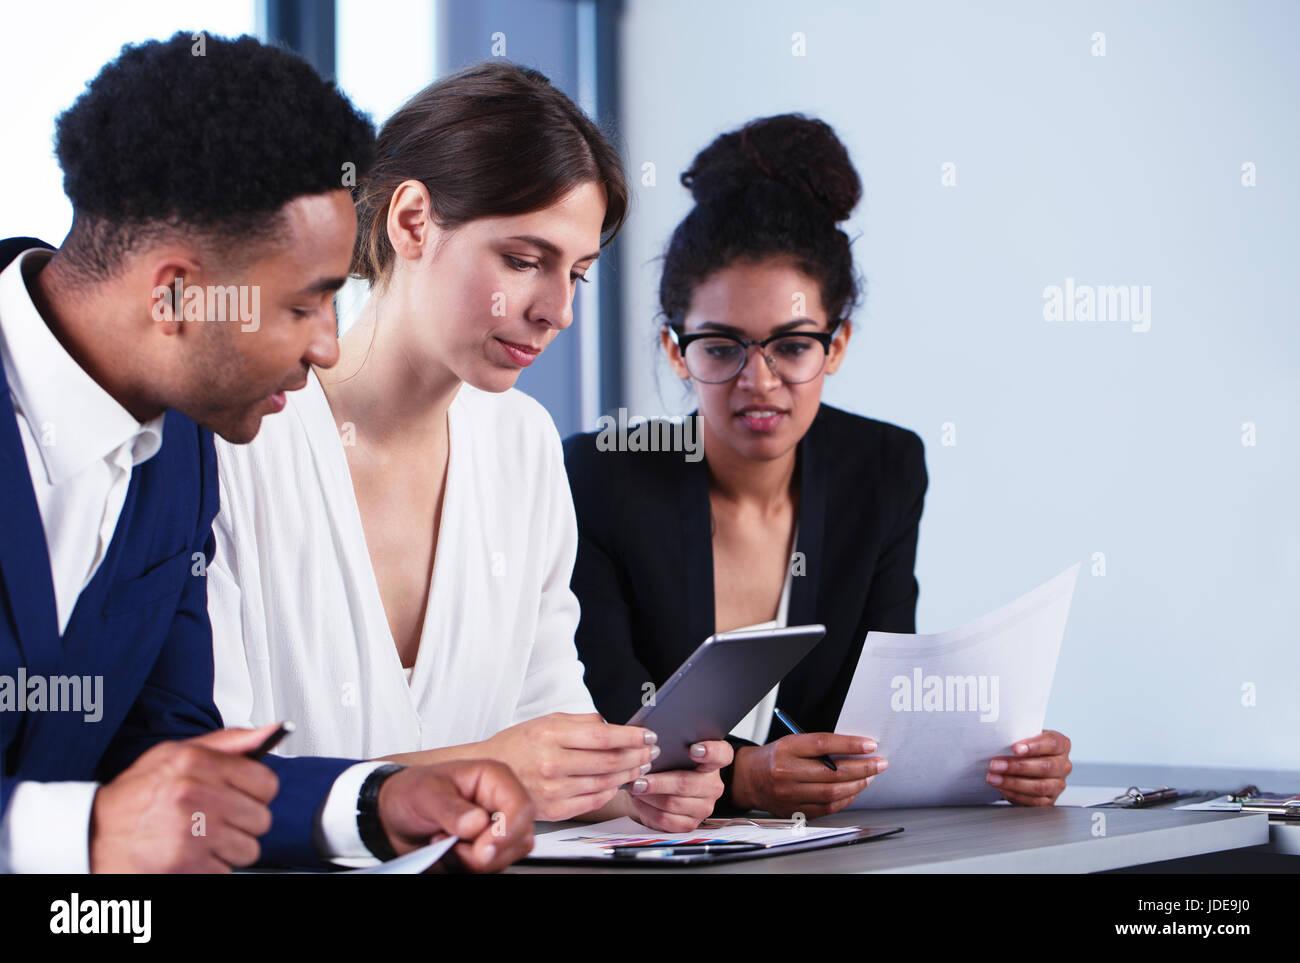 Team di business persona lavora insieme. Concetto di lavoro di squadra Immagini Stock